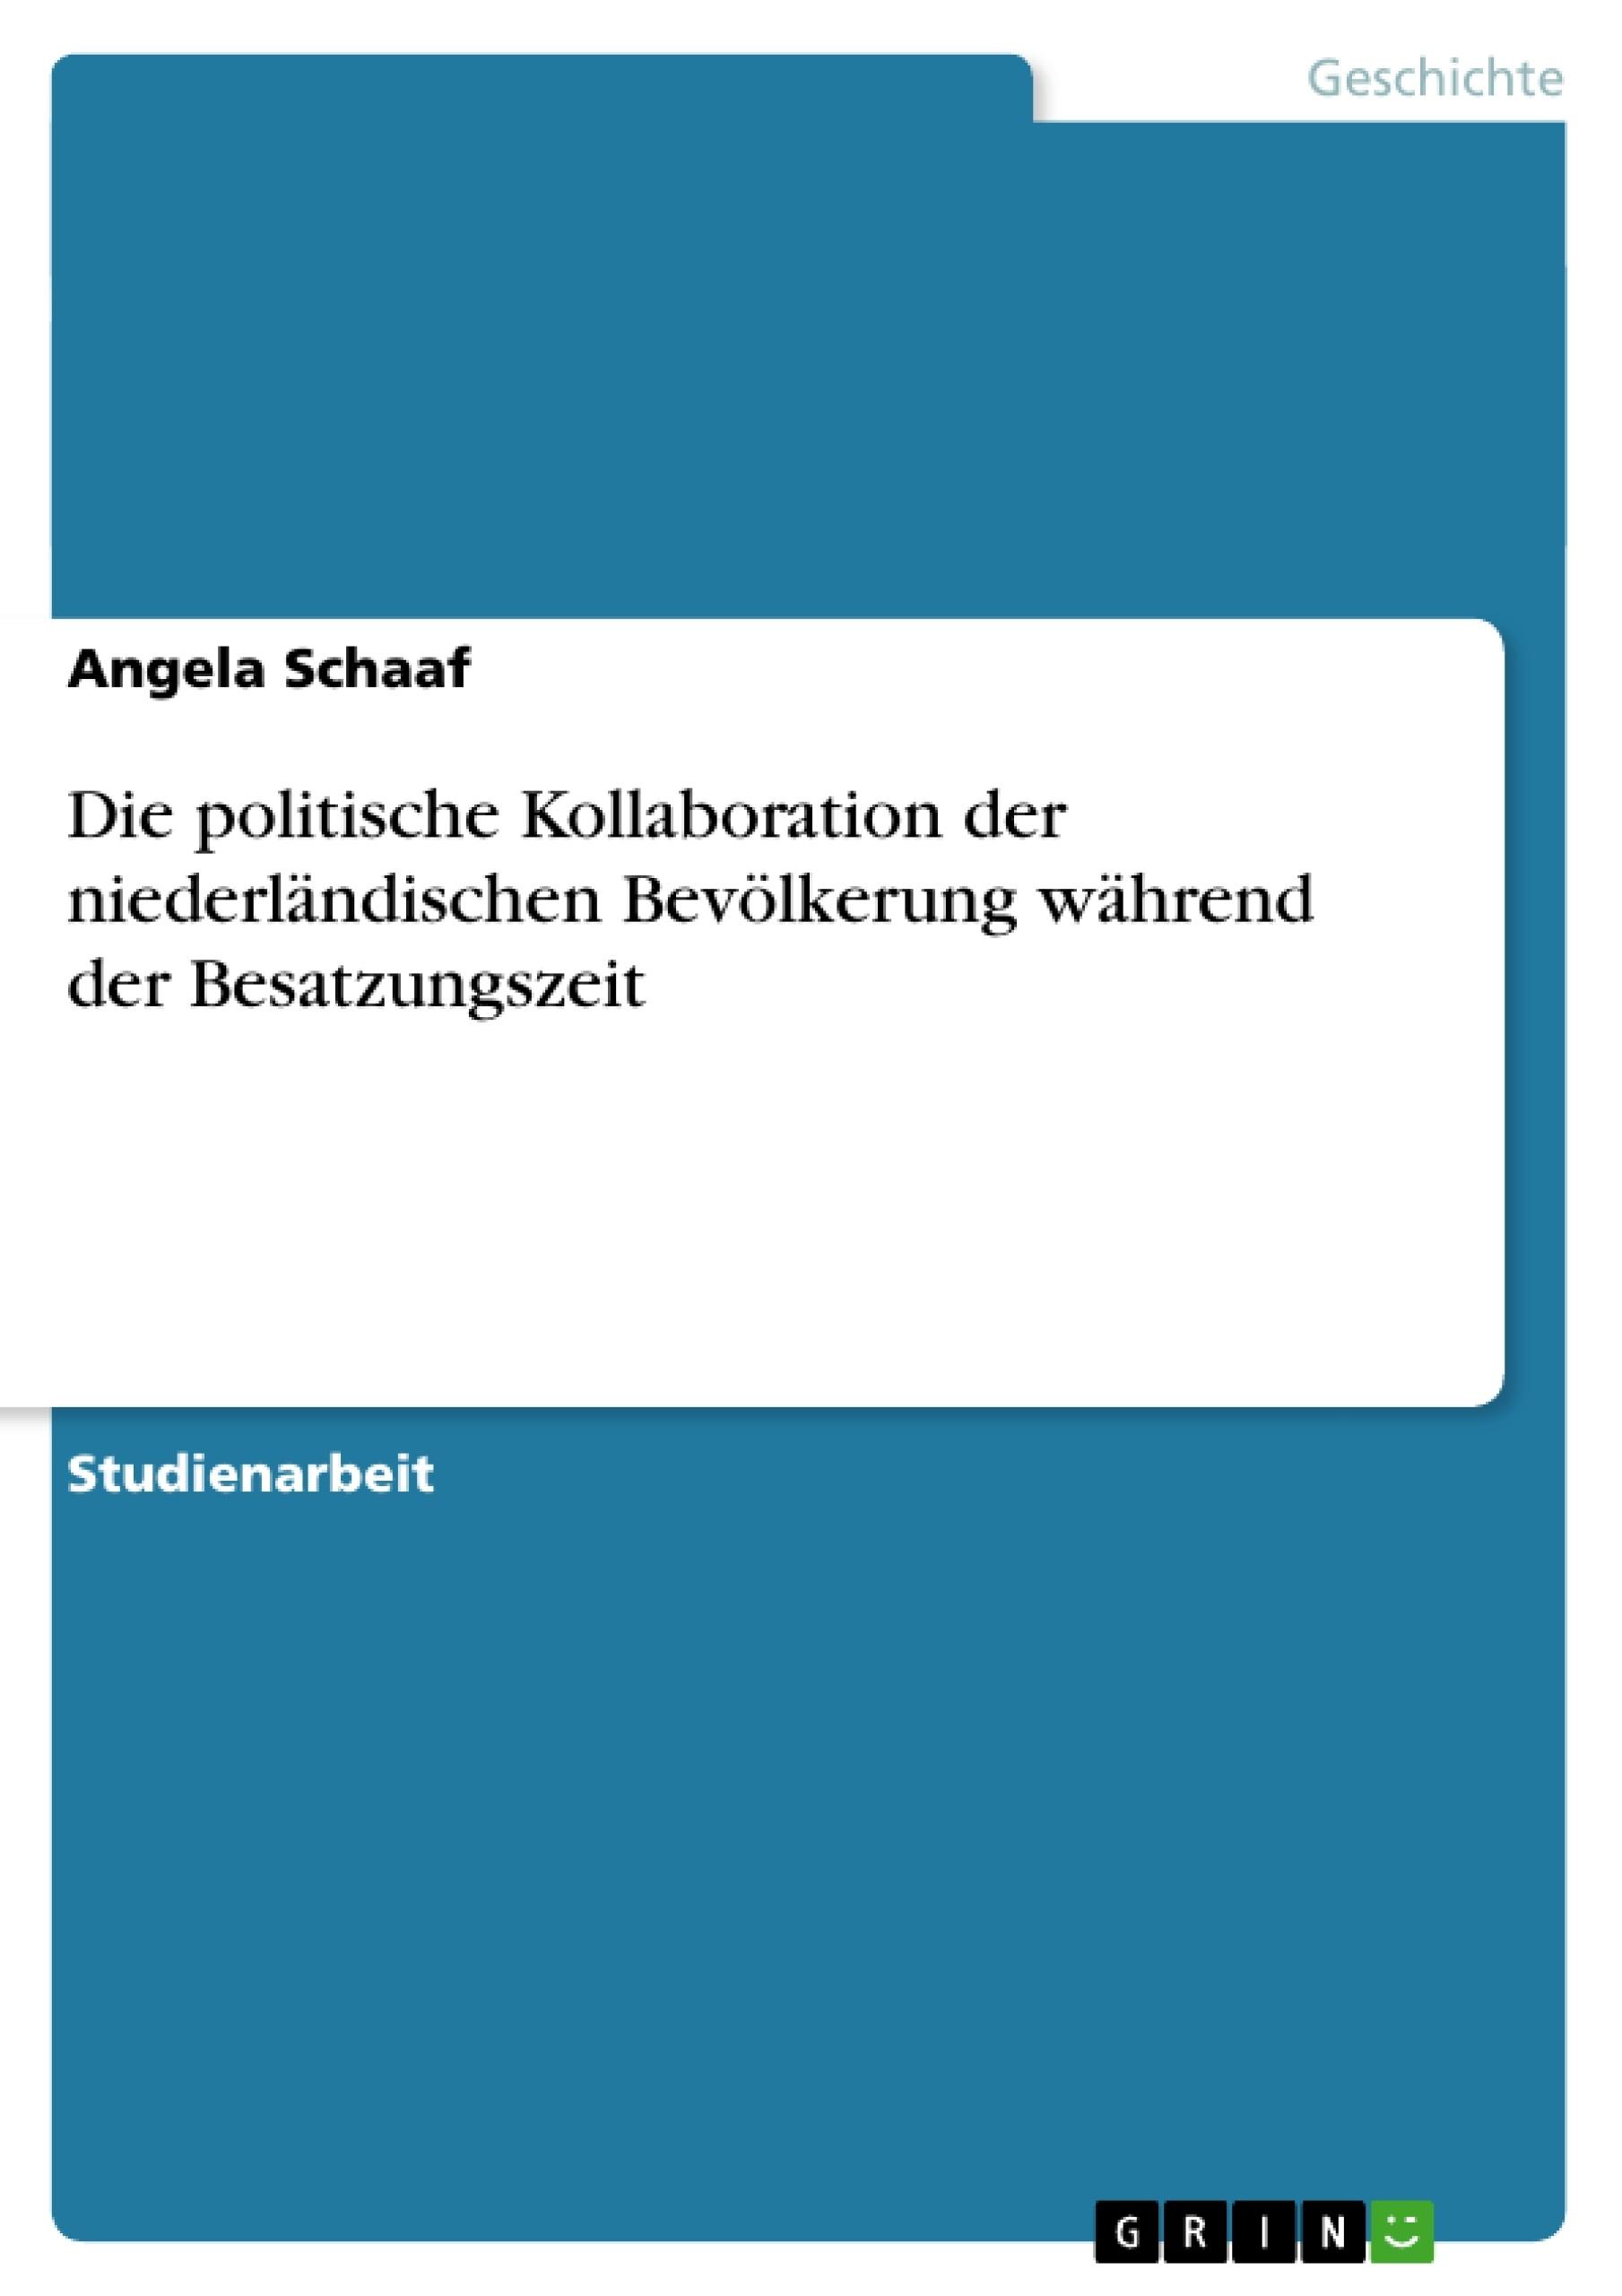 Titel: Die politische Kollaboration der niederländischen Bevölkerung während der Besatzungszeit